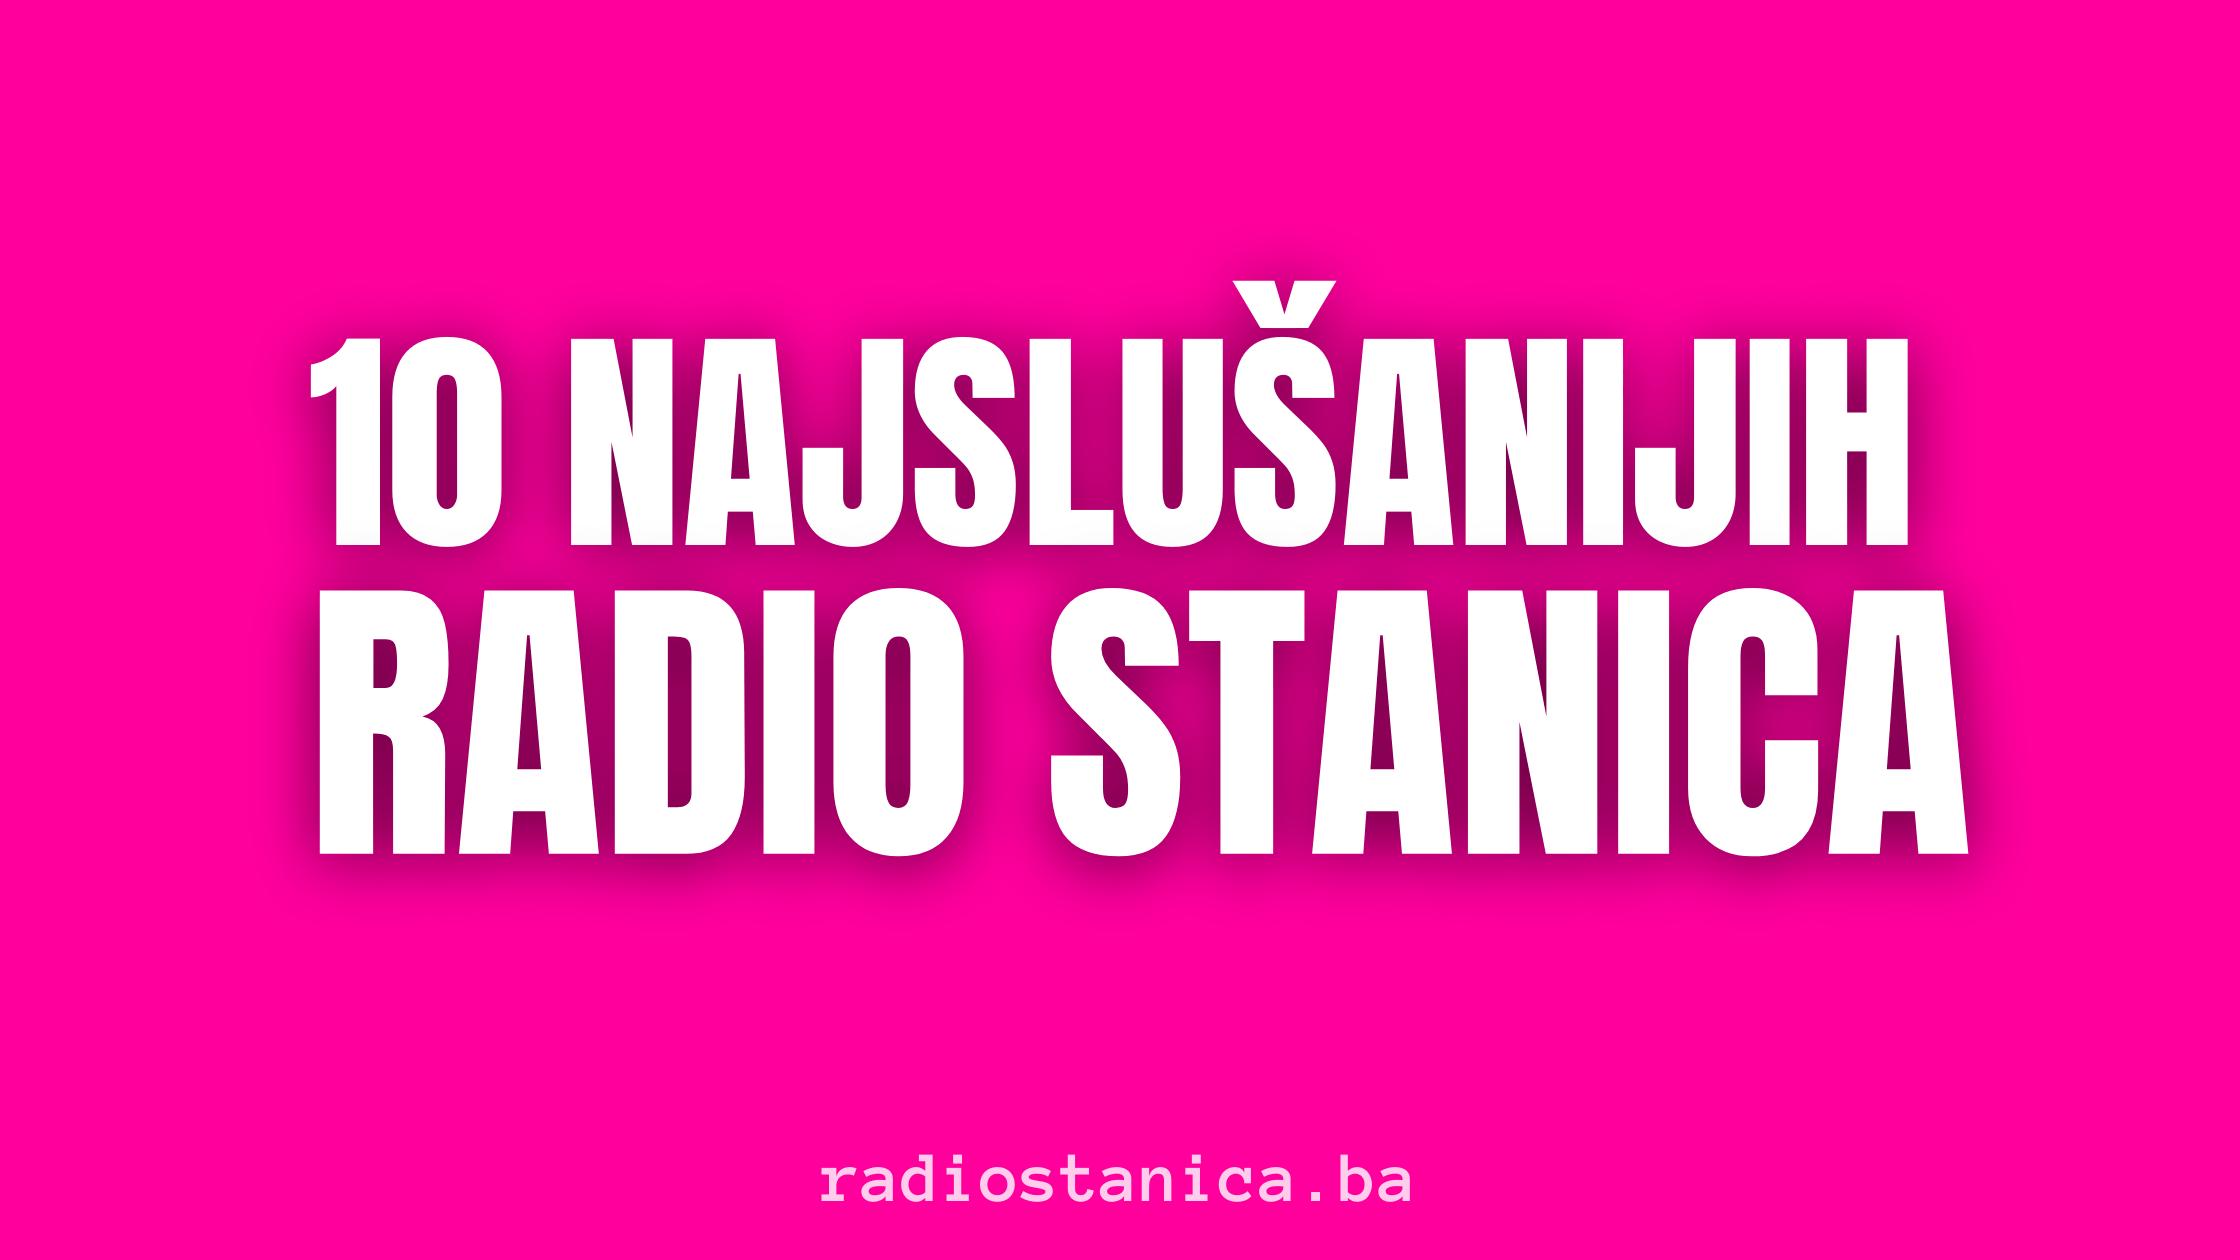 10 Naslusnijih Radio Stanica